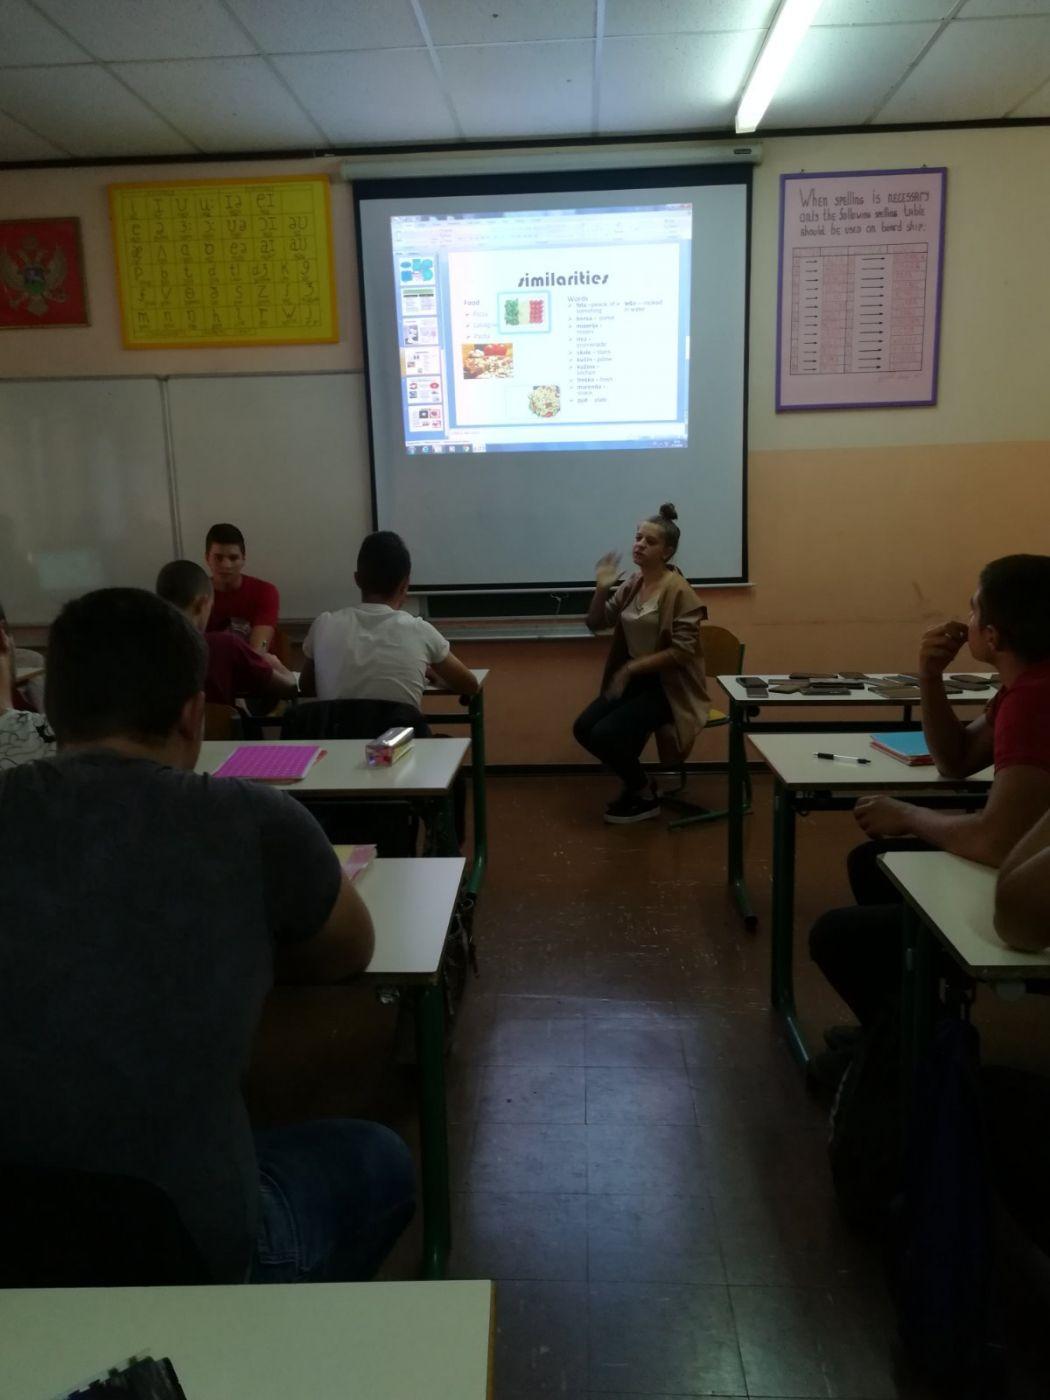 Evropski dan jezika - sa prezentacija (9)